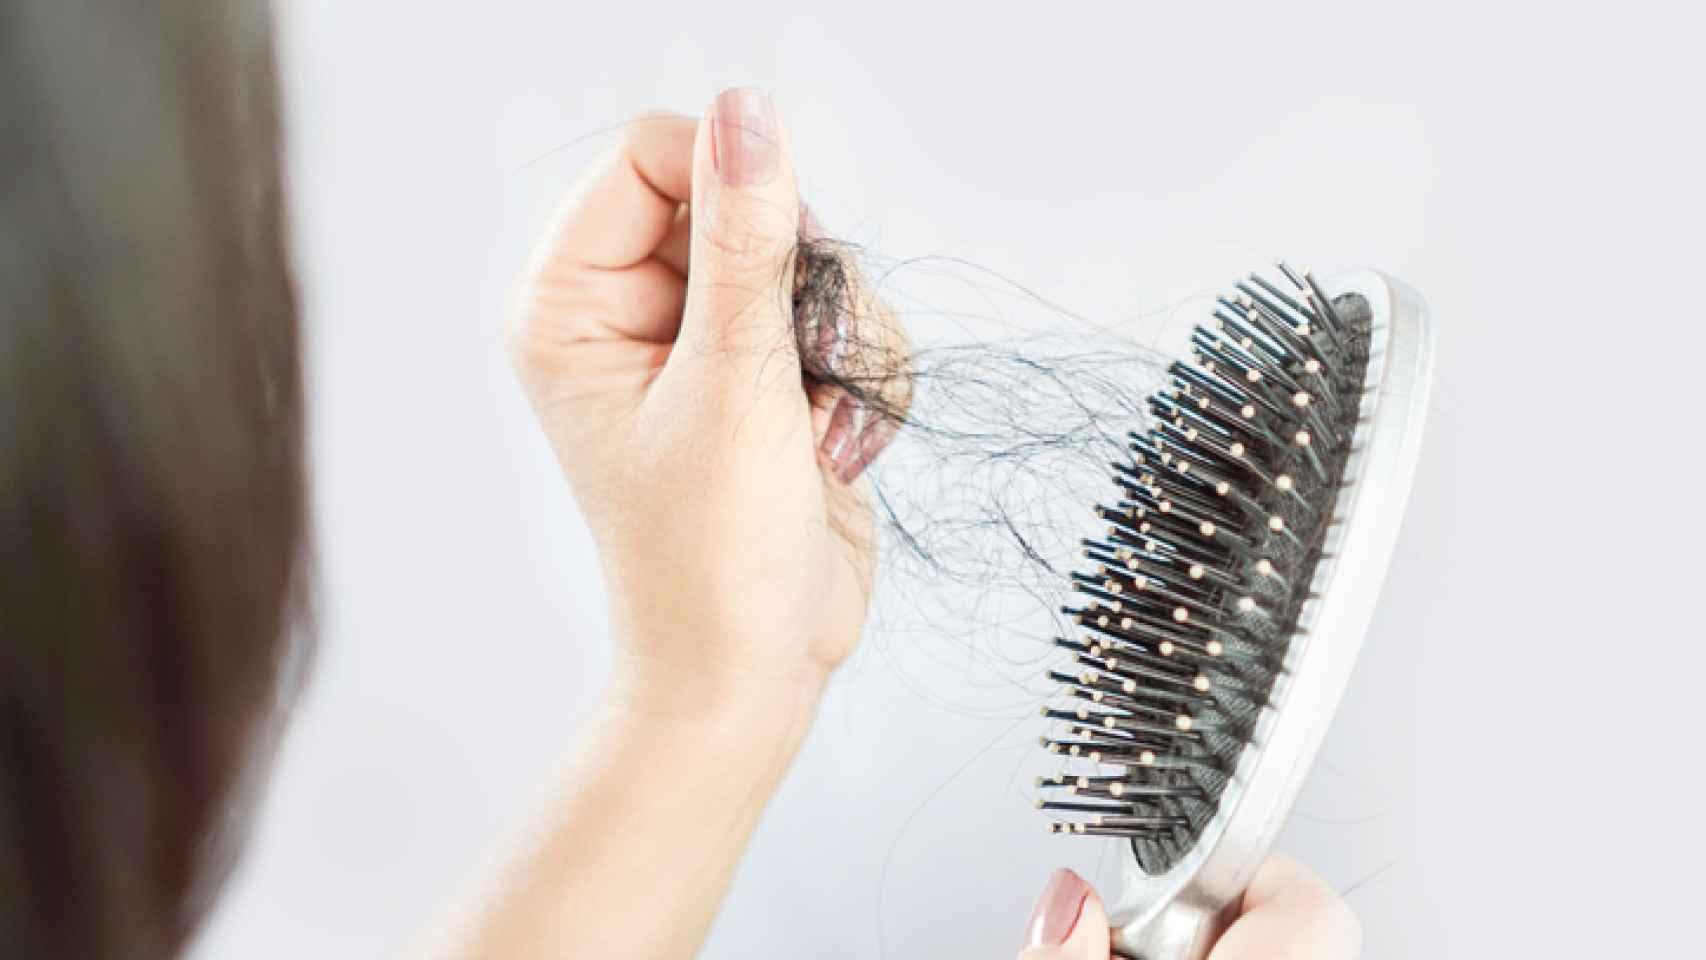 Prisionero de guerra bahía Firmar  Cómo frenar la caída del cabello con remedios caseros